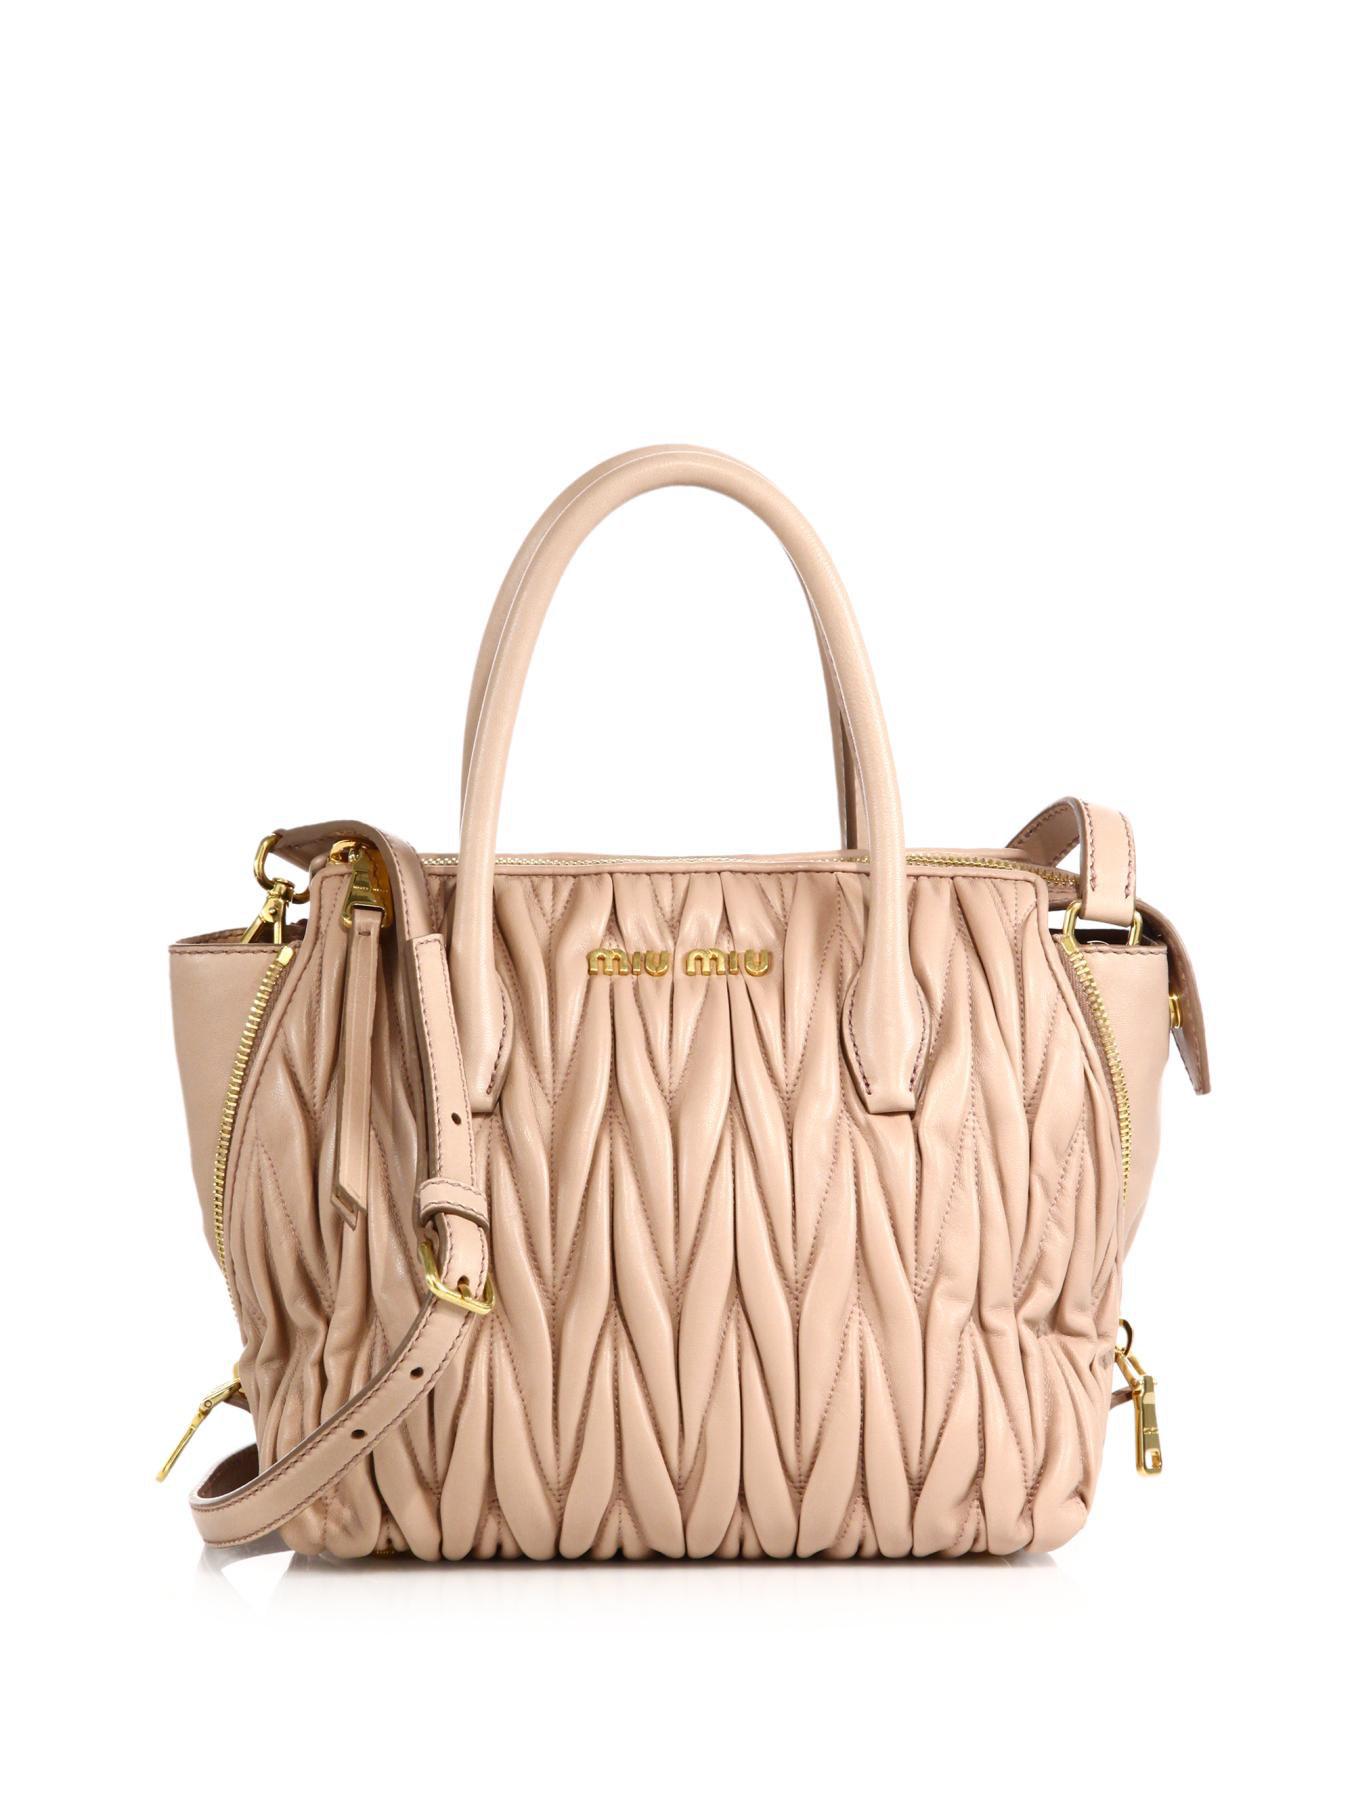 miu miu leather matelasse satchel bag discount miu miu handbags. Black Bedroom Furniture Sets. Home Design Ideas